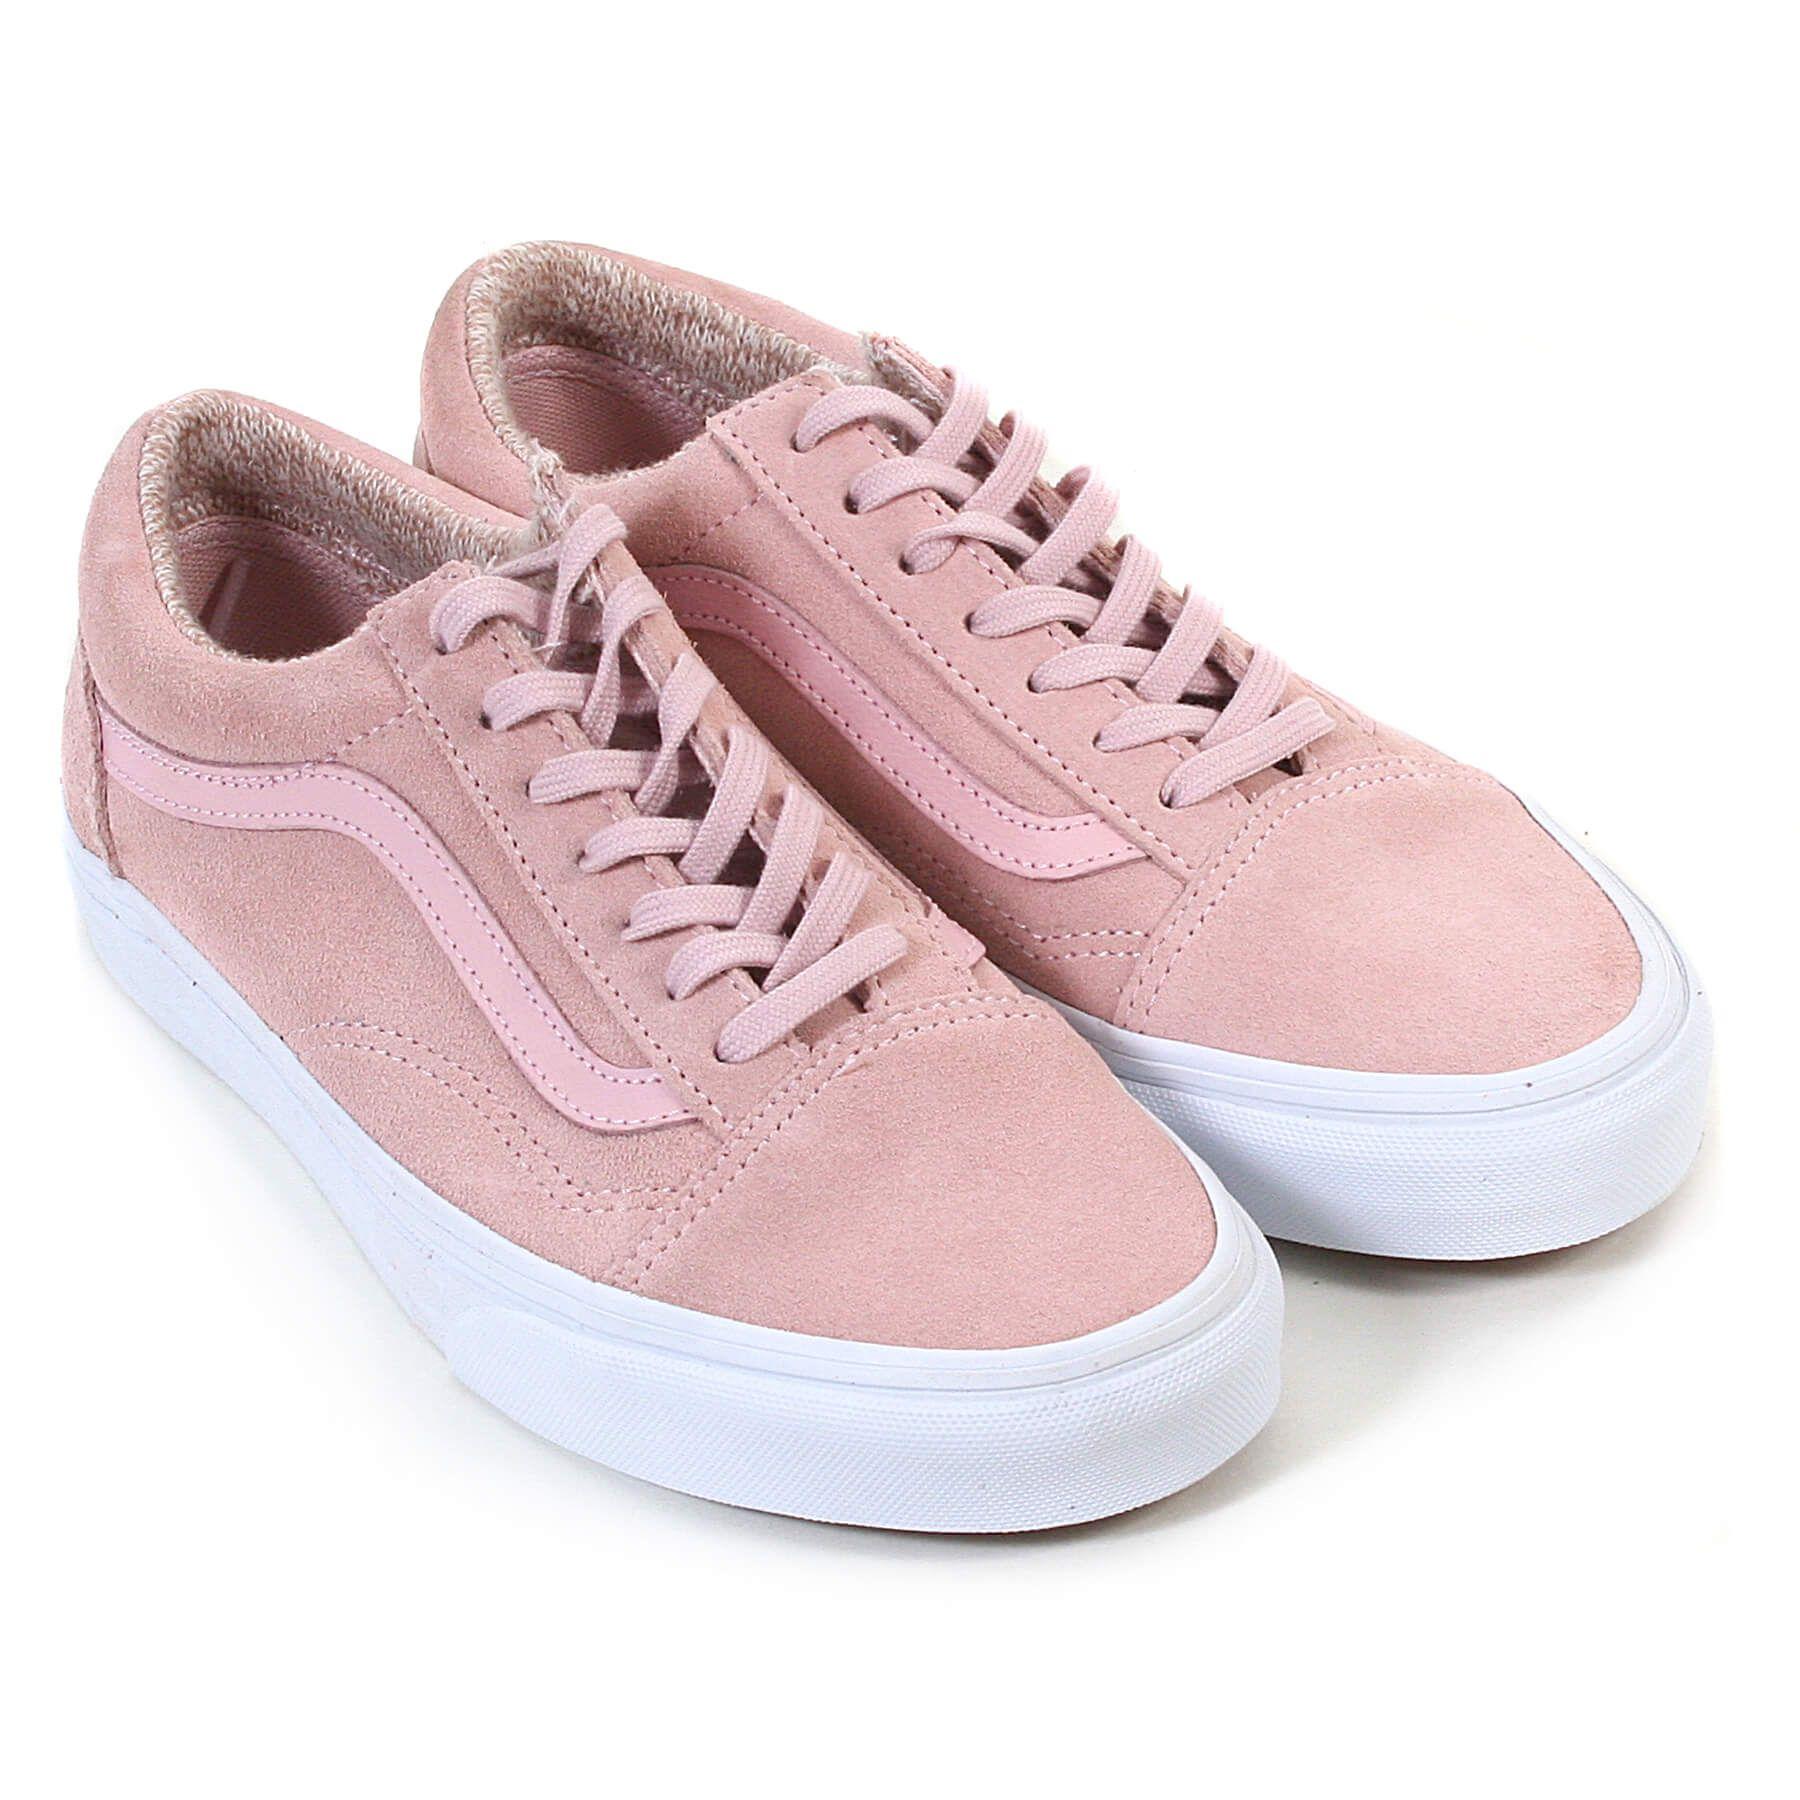 90aa91060464d8 pink vans for guys sale   OFF49% Discounts